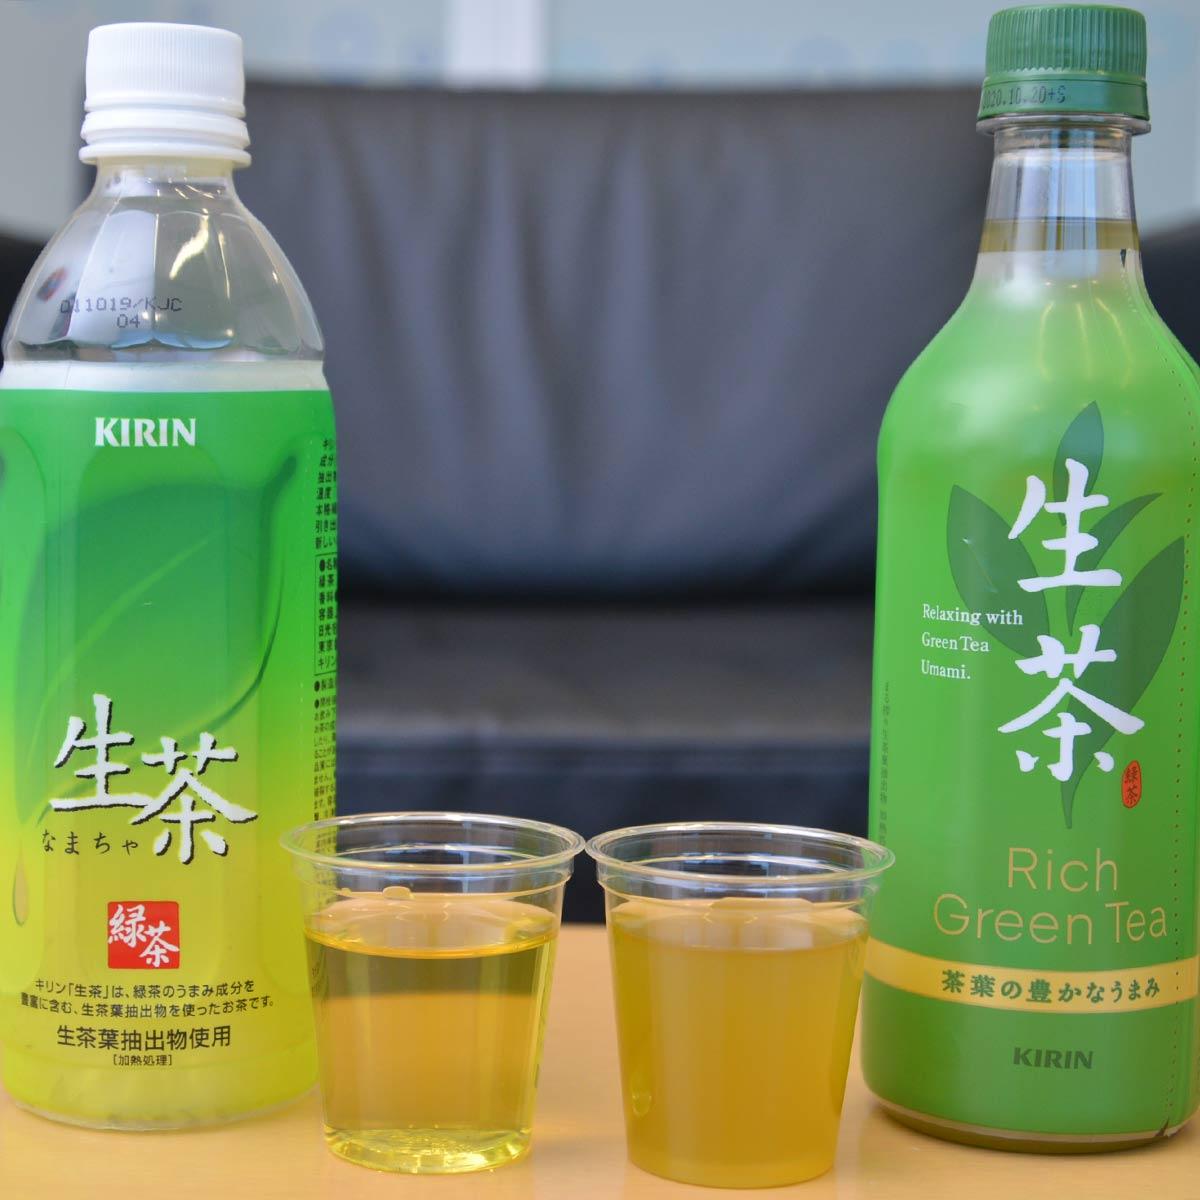 同じ「キリン 生茶」だなんてウソだ!? 20年前の初代と最新版を飲み比べてみた